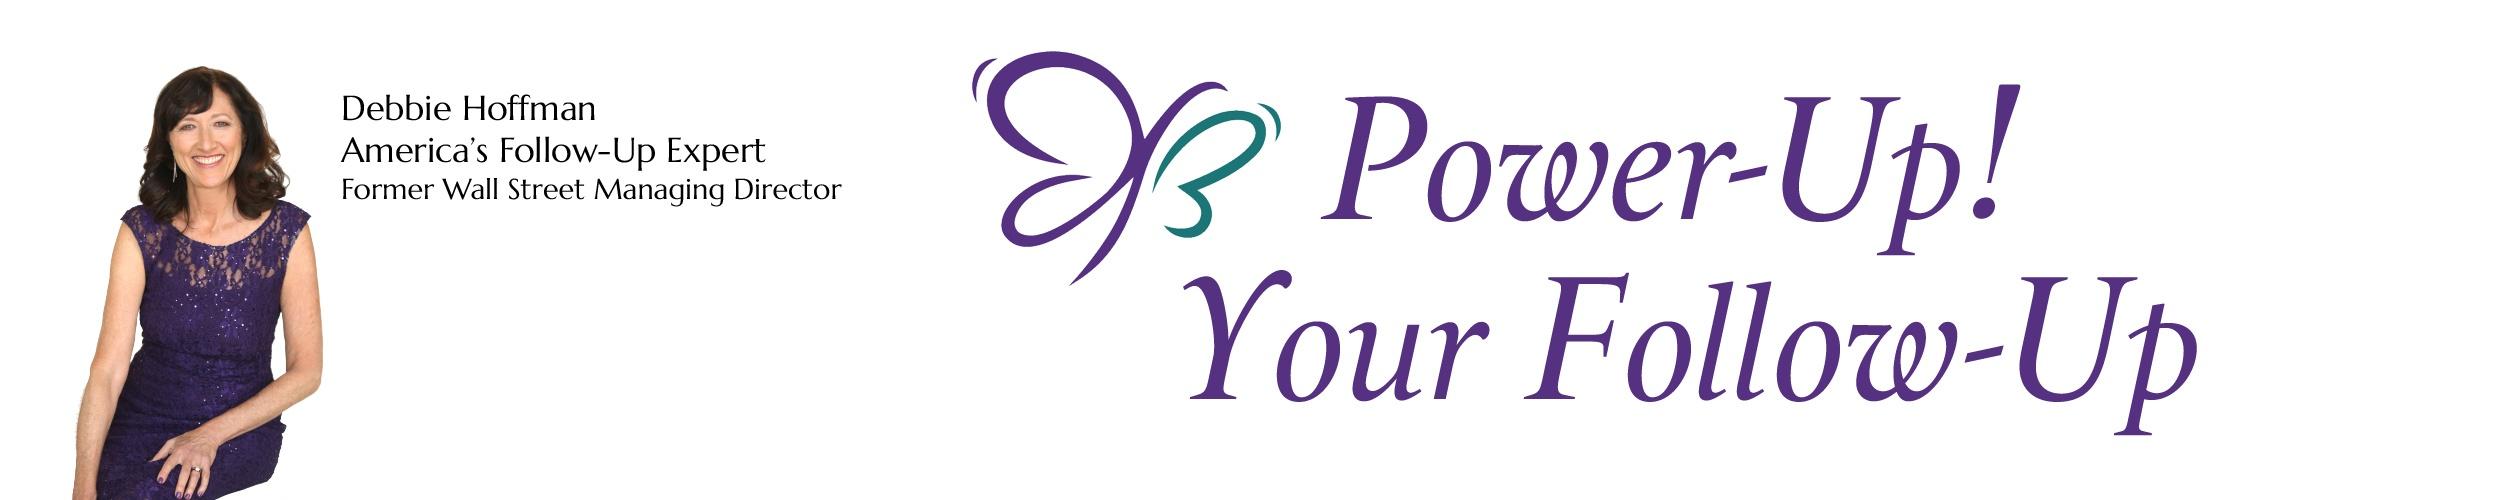 New Logo Banner rev 1-13-21